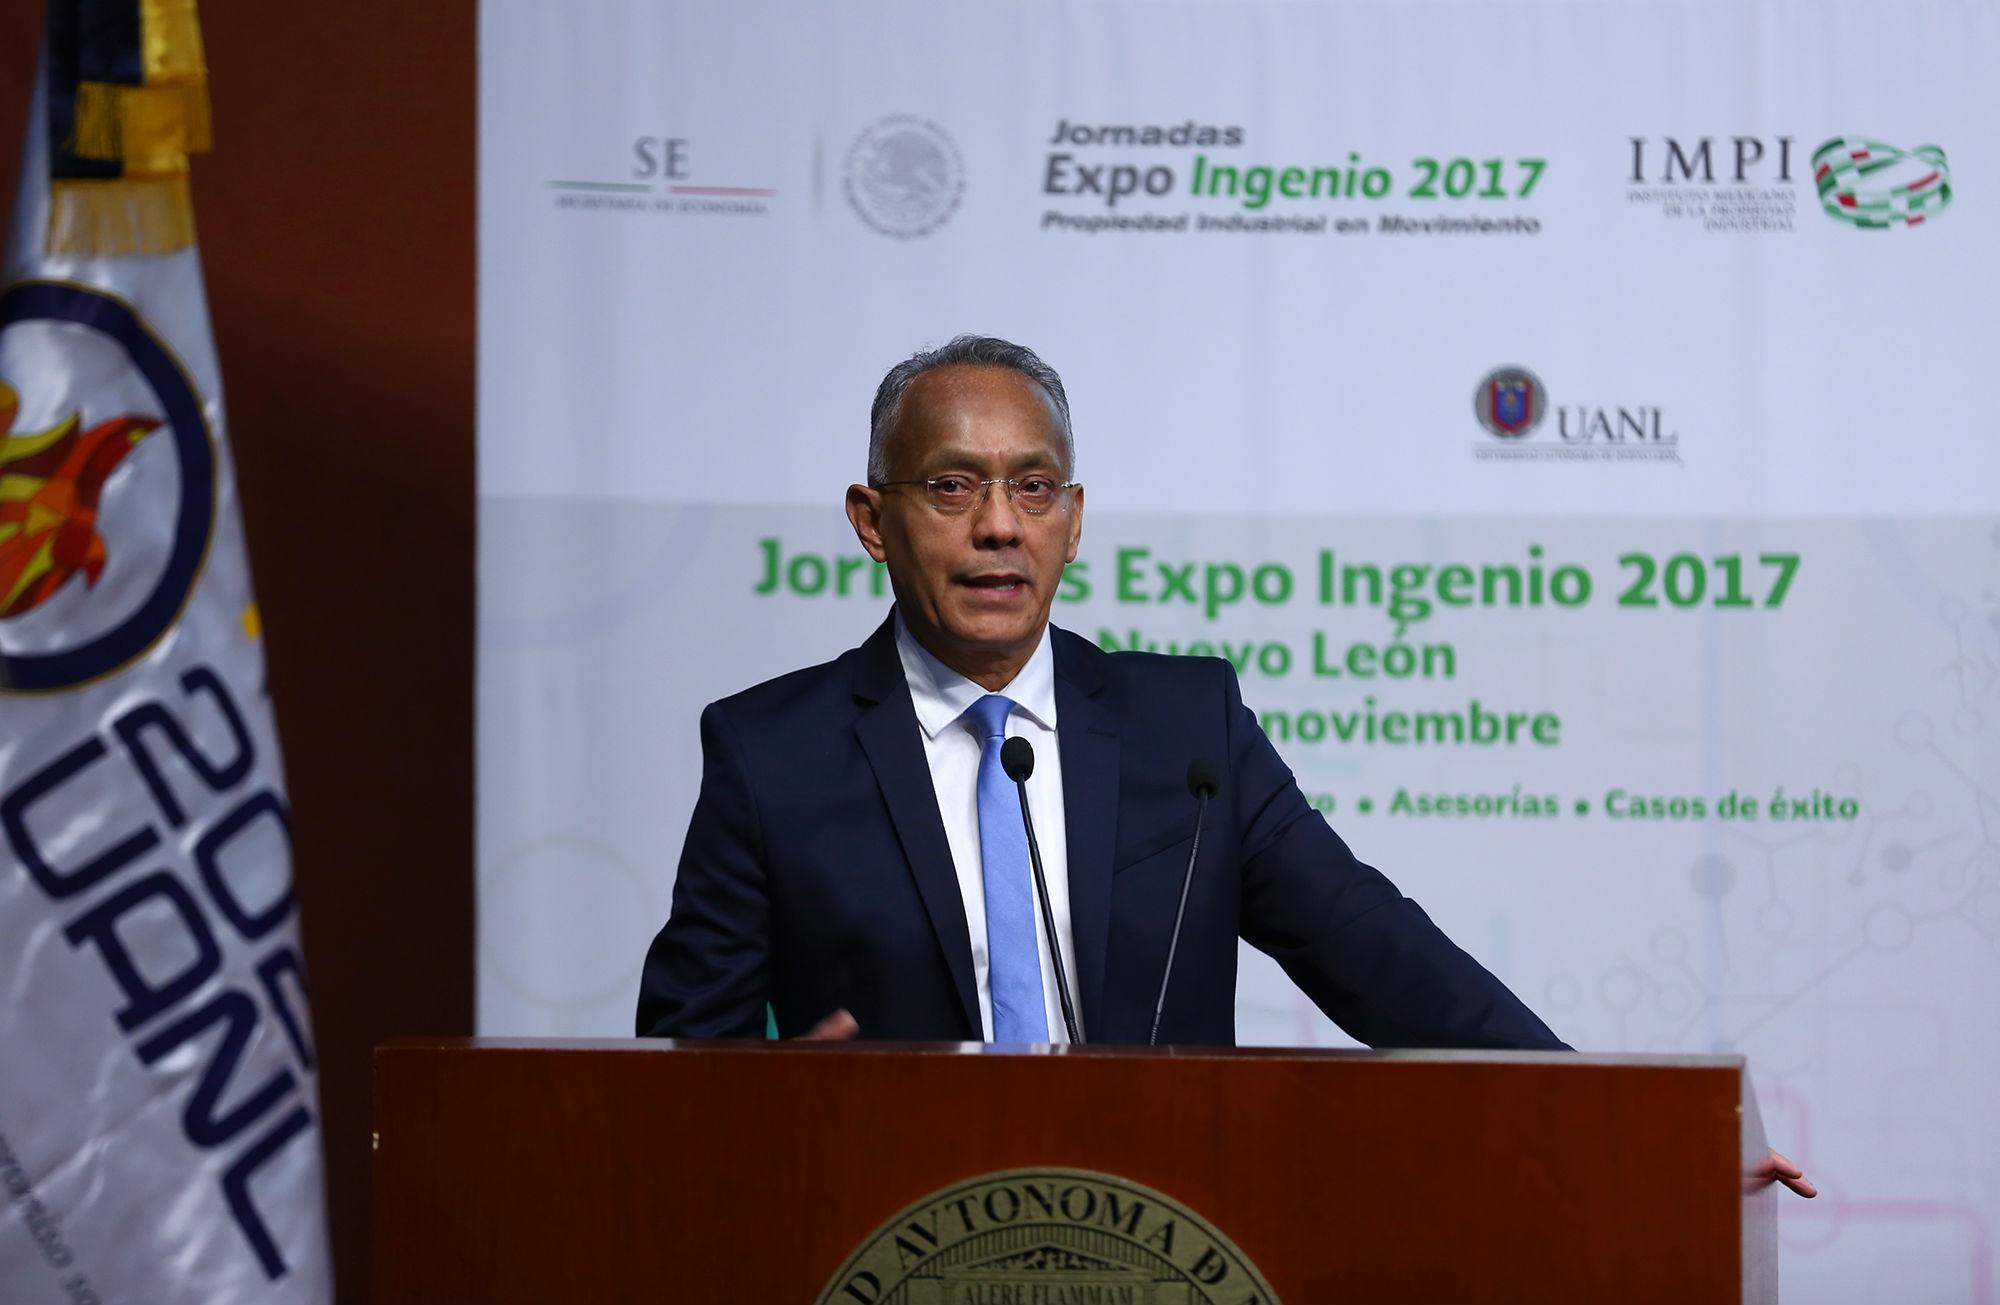 Juan Manuel Alcocer González, Secretario de Investigación Científica y Desarrollo Tecnológico